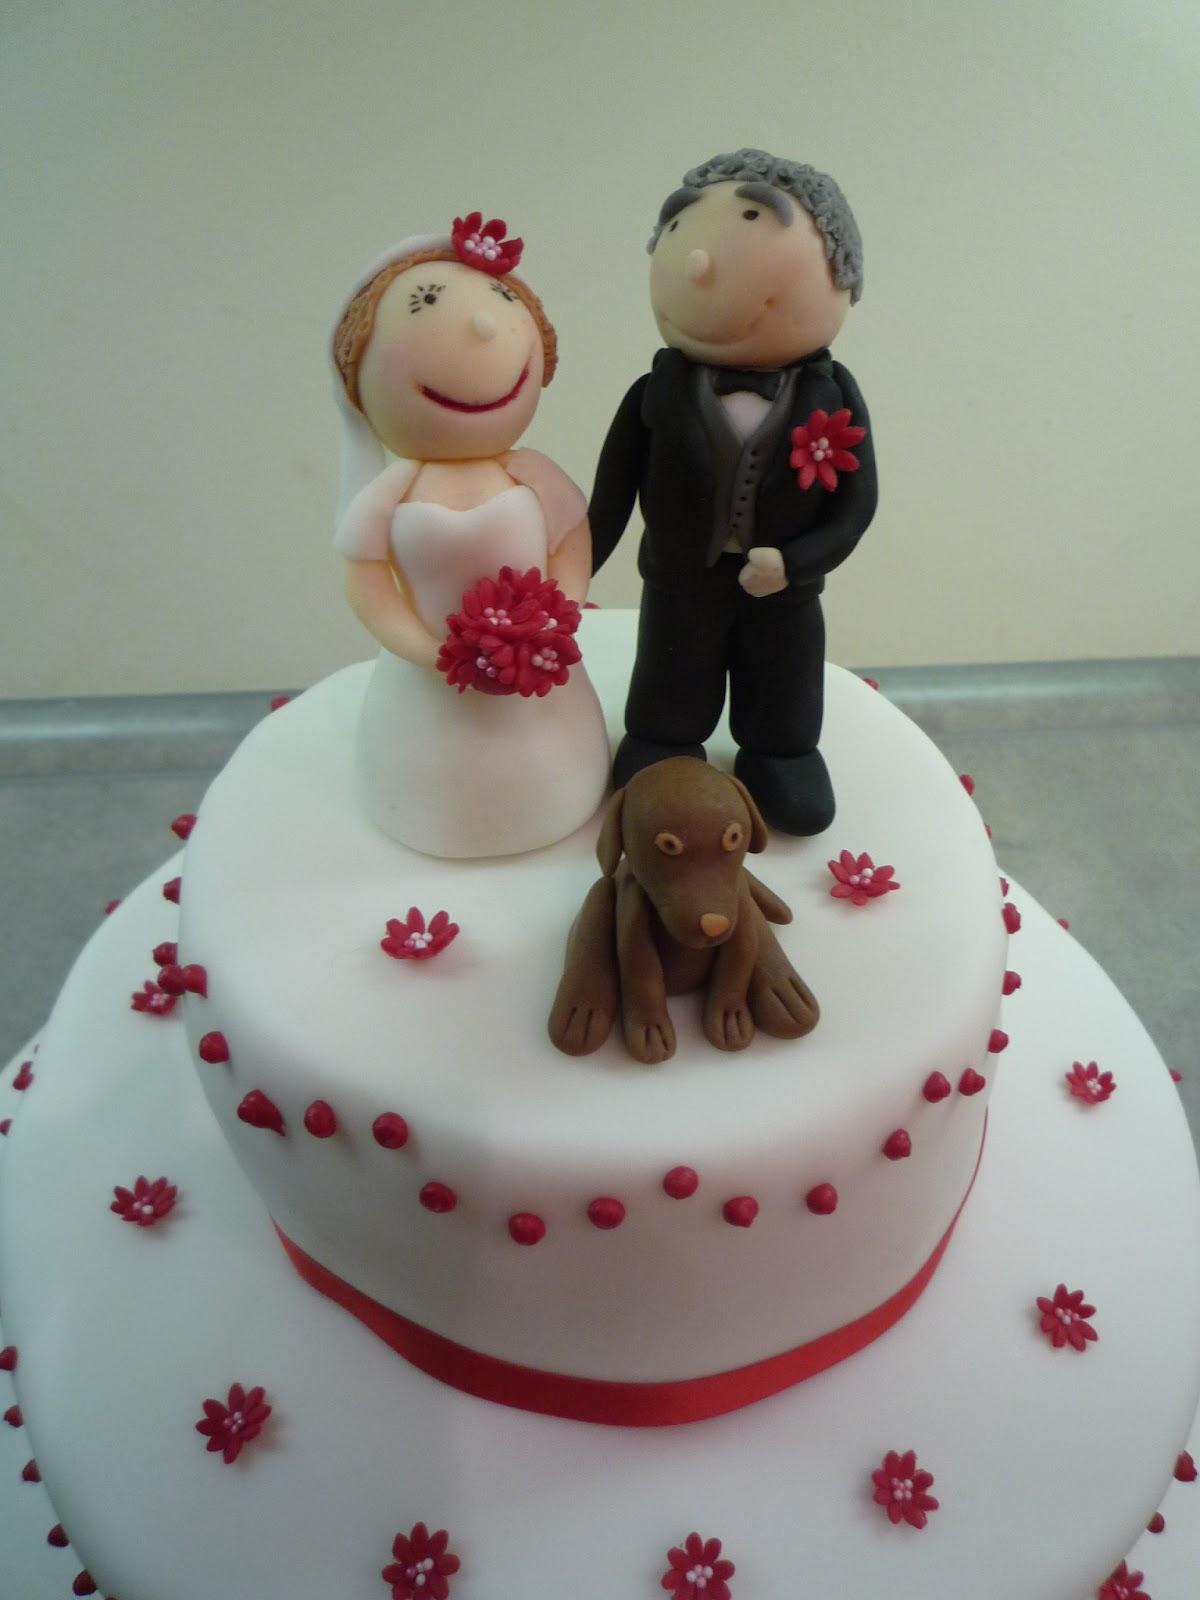 Hochzeitstorte, Motivtorte, Torte, 40. Hochzeitstag, Hochzeit, Rubinrote Hochzeit